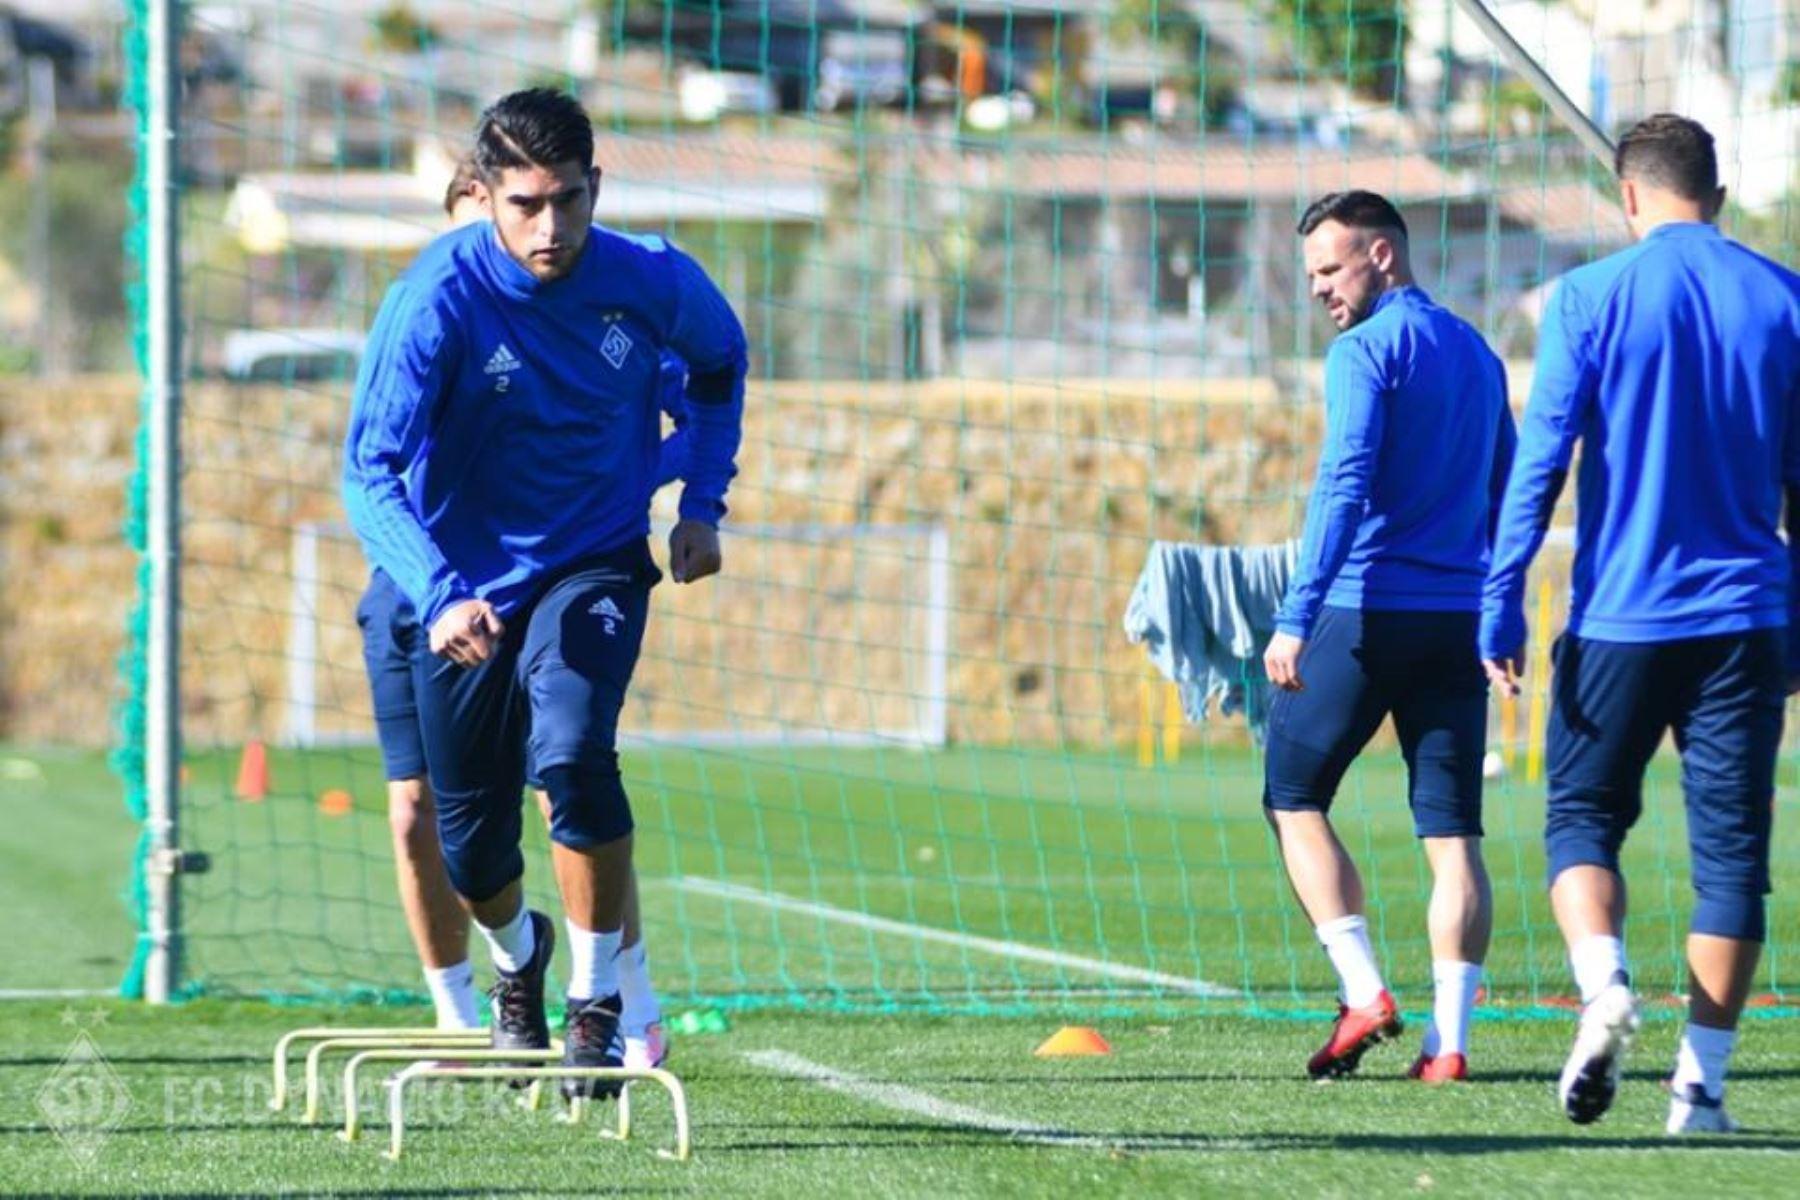 Tras la falta de continuidad que vivía con el conjunto griego decidió cambiar de equipo finalmente a finales de enero del 2018 se hace oficial su traspaso al Dinamo Kiev de Ucrania. Difusión